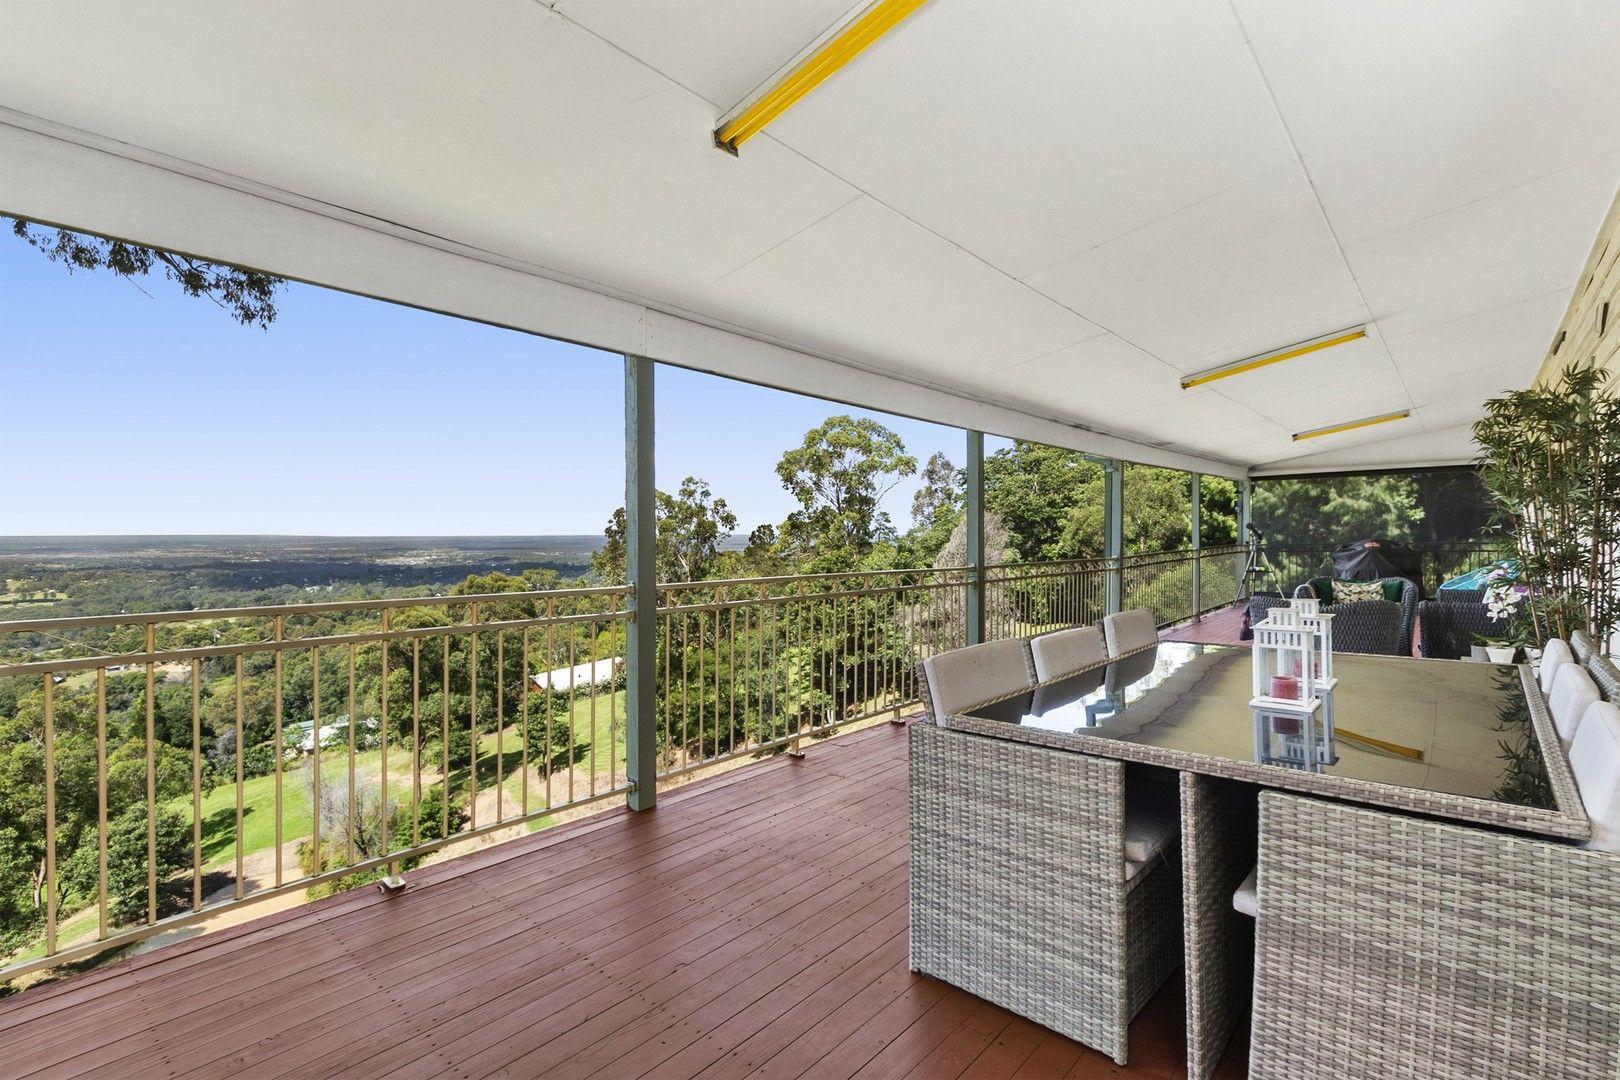 1052 Bells Line of Road, Kurrajong Hills NSW 2758, Image 0